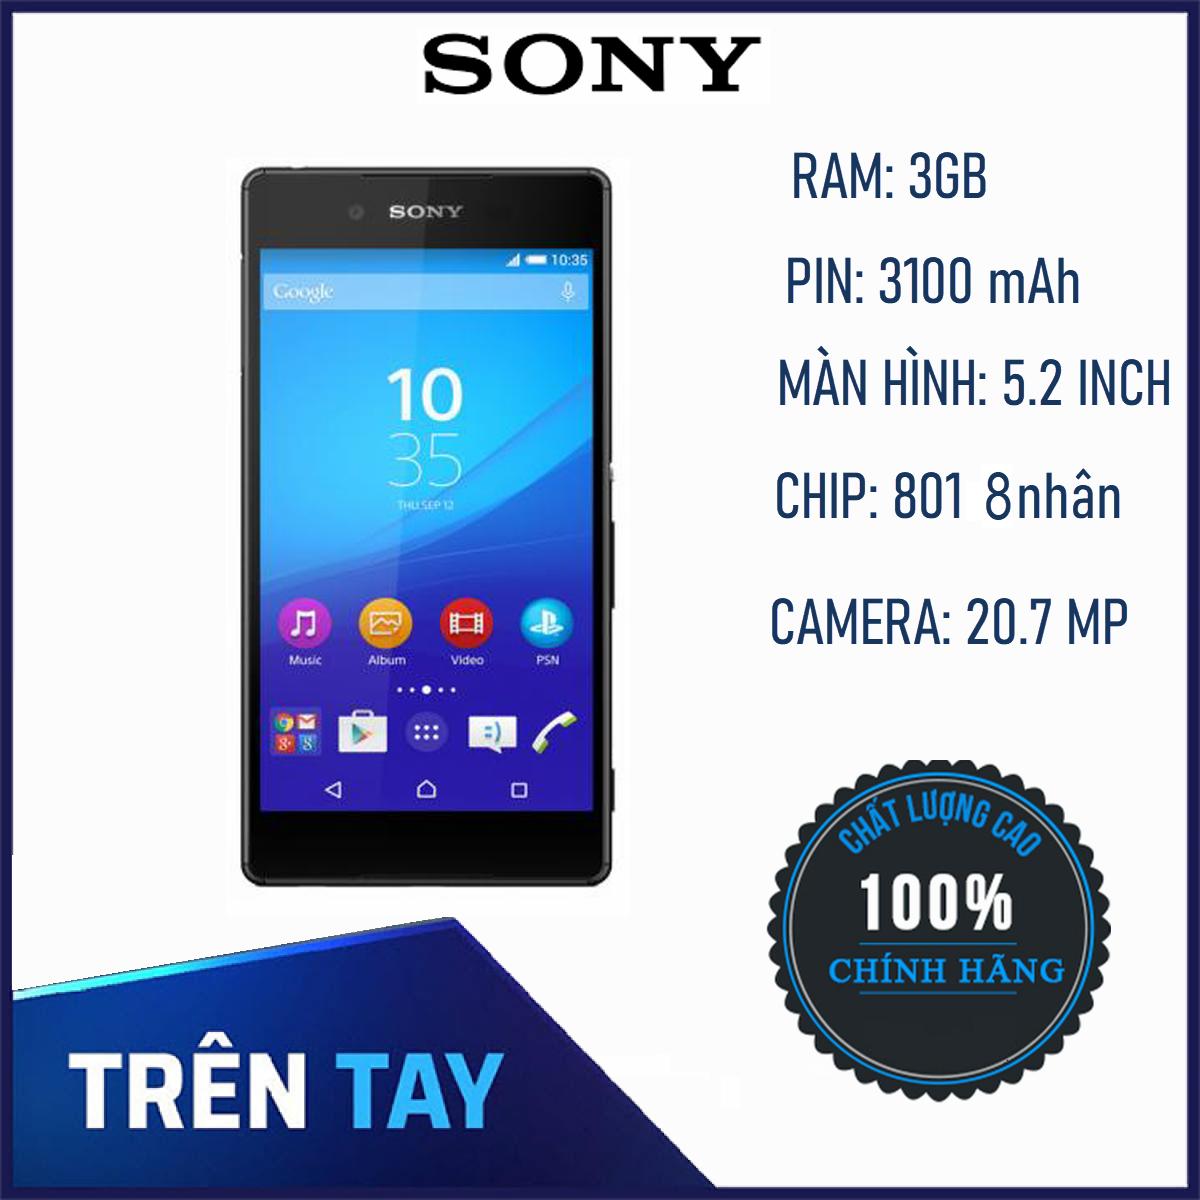 [Hàng Mới Về] Điện Thoại Smartphone Sony Xperia Z4 ram 3G/32G – Hãng Phân Phối Chính Thức